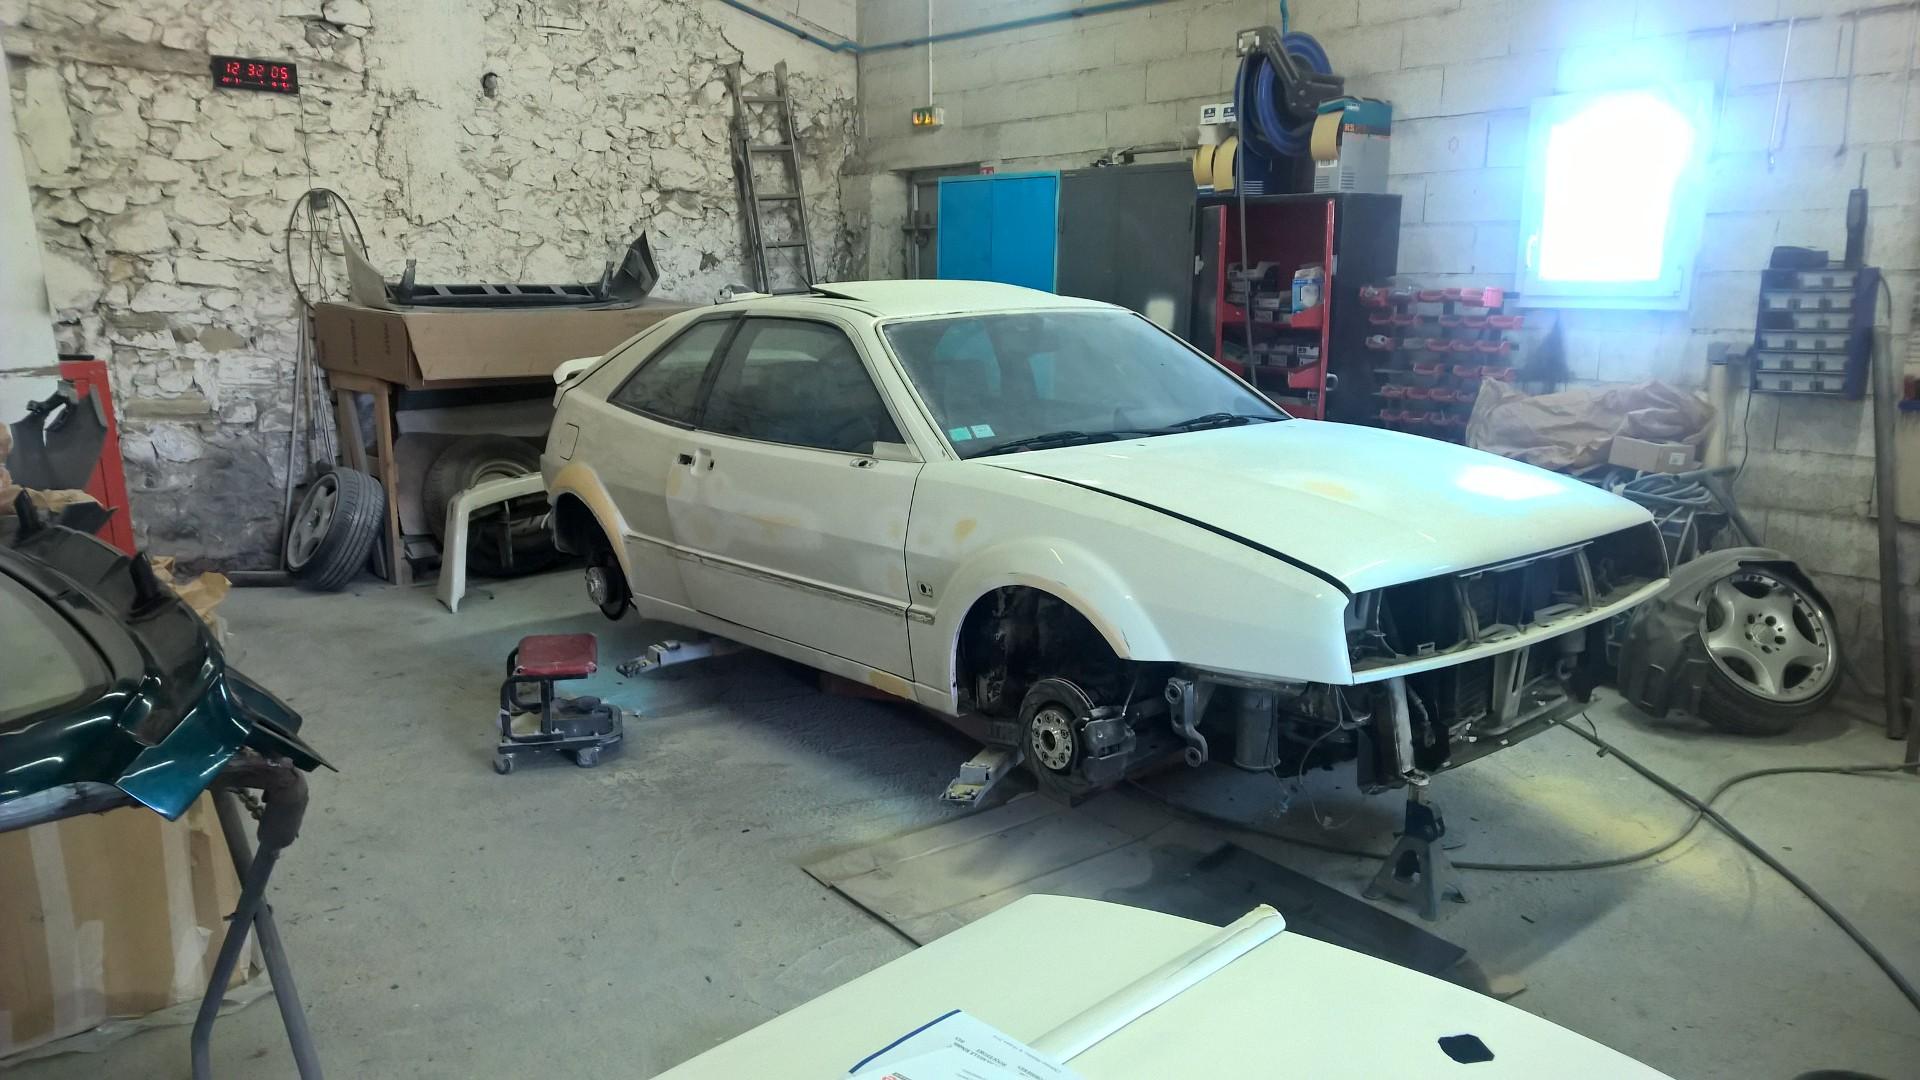 Corrado white vr6 - Page 2 984935WP20160321123052Pro